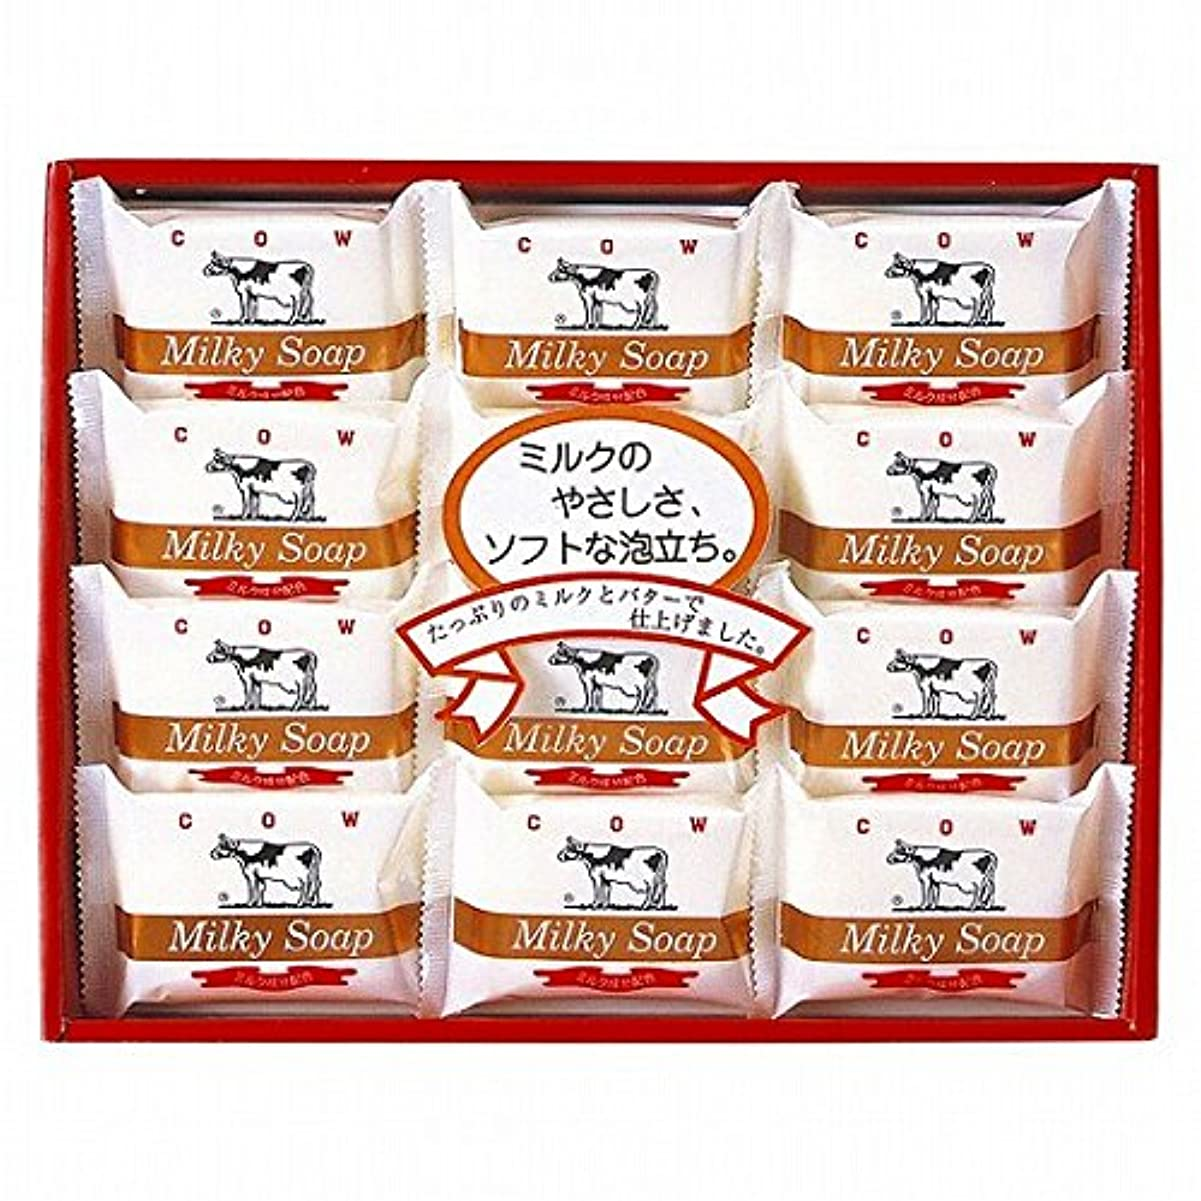 パンフレット適度な上陸nobrand 牛乳石鹸 ゴールドソープセット (21940005)